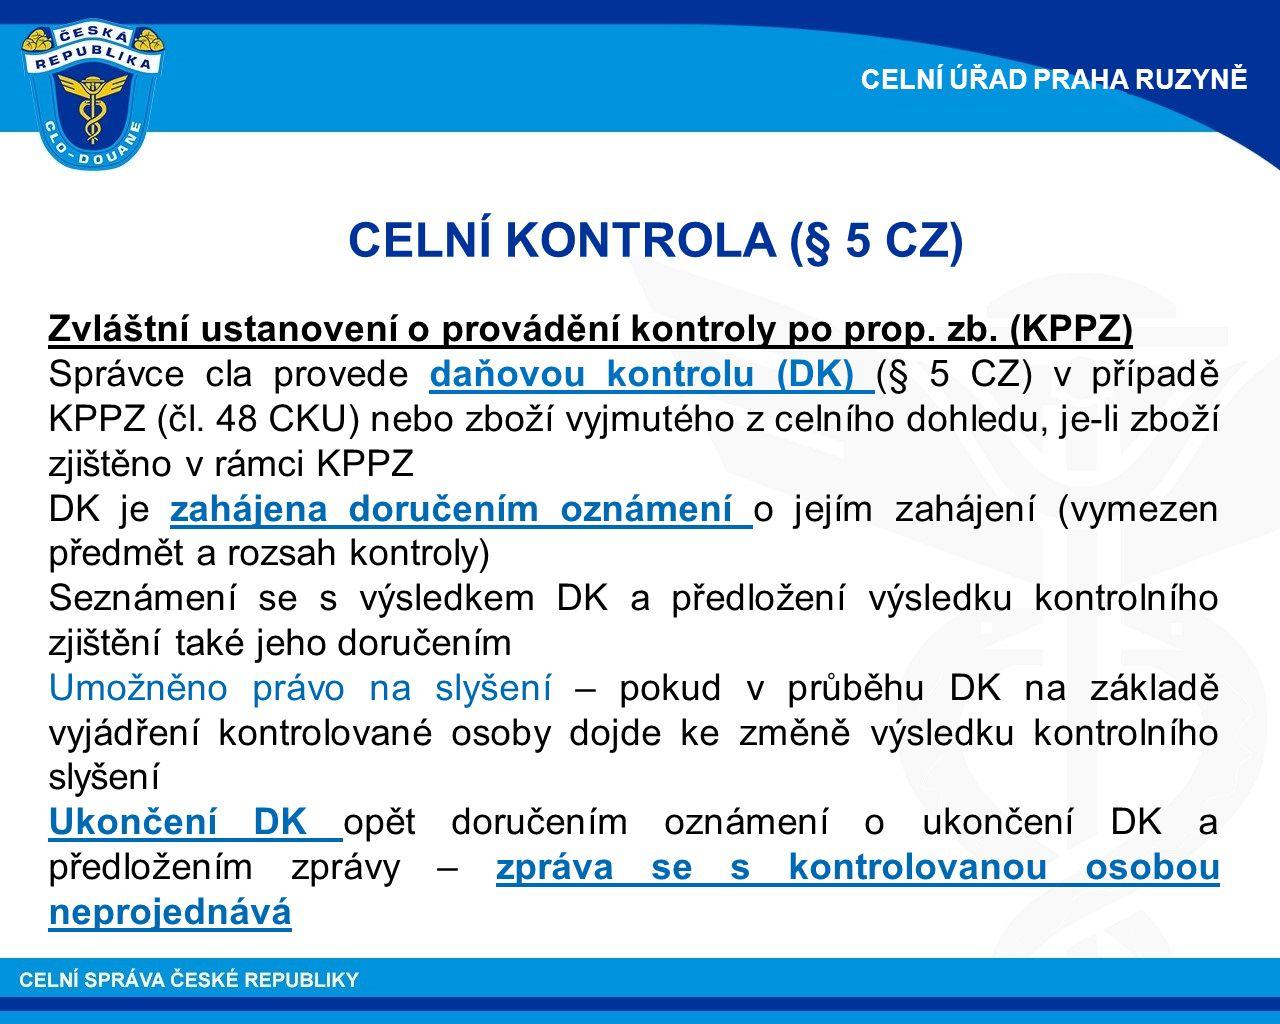 Zvláštní ustanovení o provádění kontroly po prop. zb.